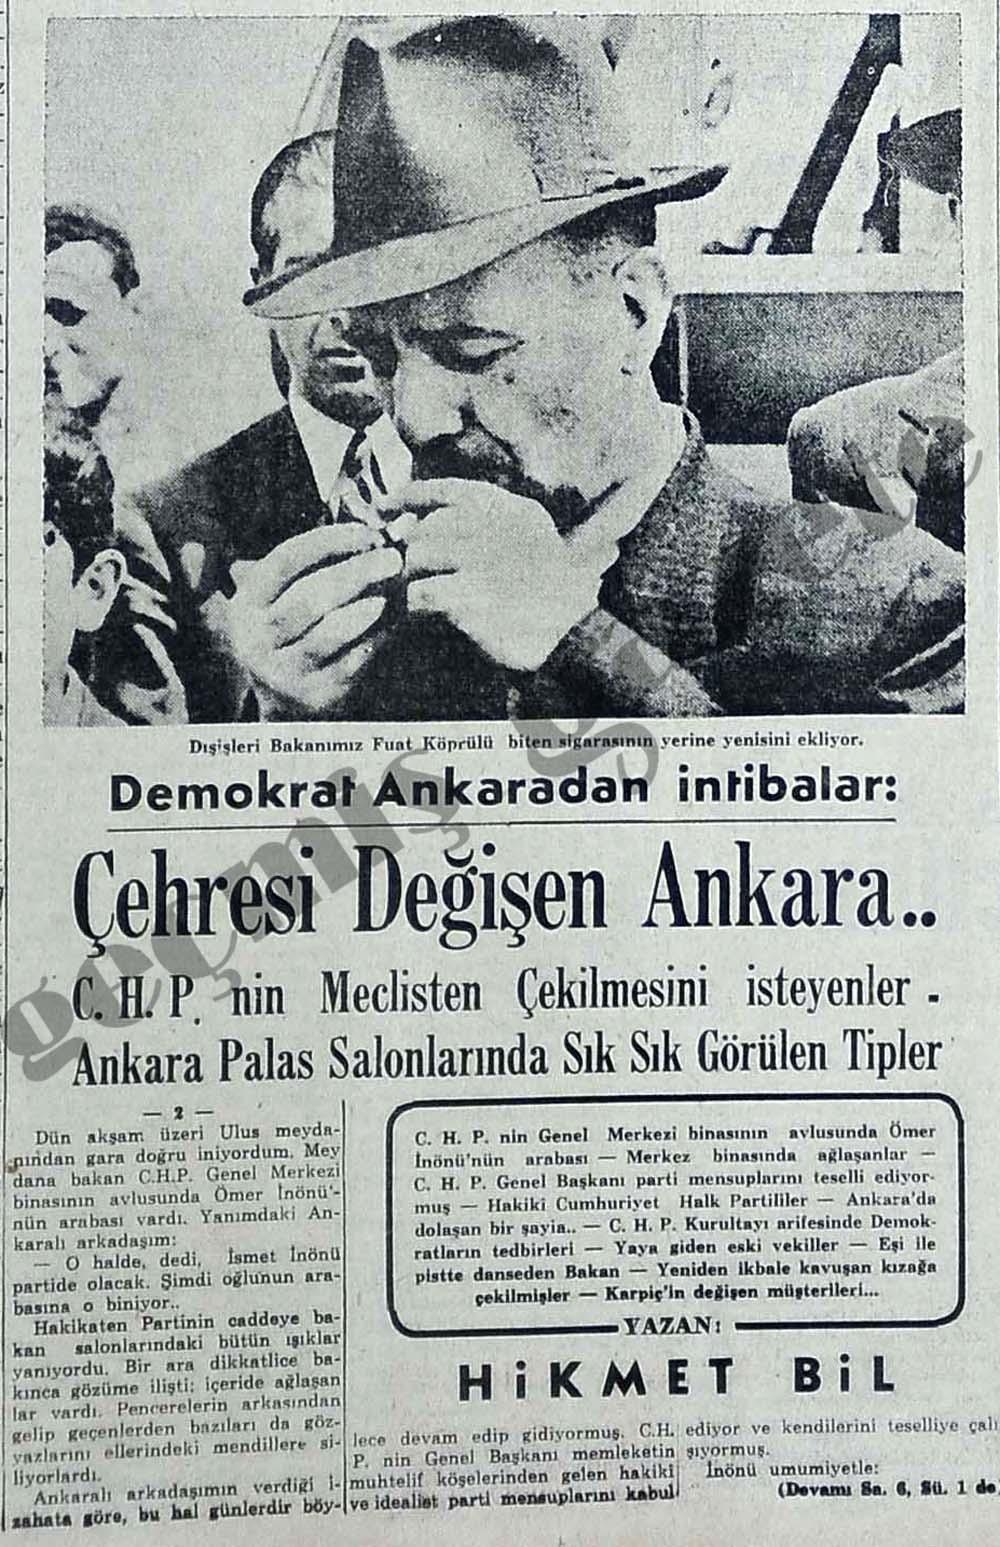 Demokrat Ankaradan intibalar: Çehresi Değişen Ankara..